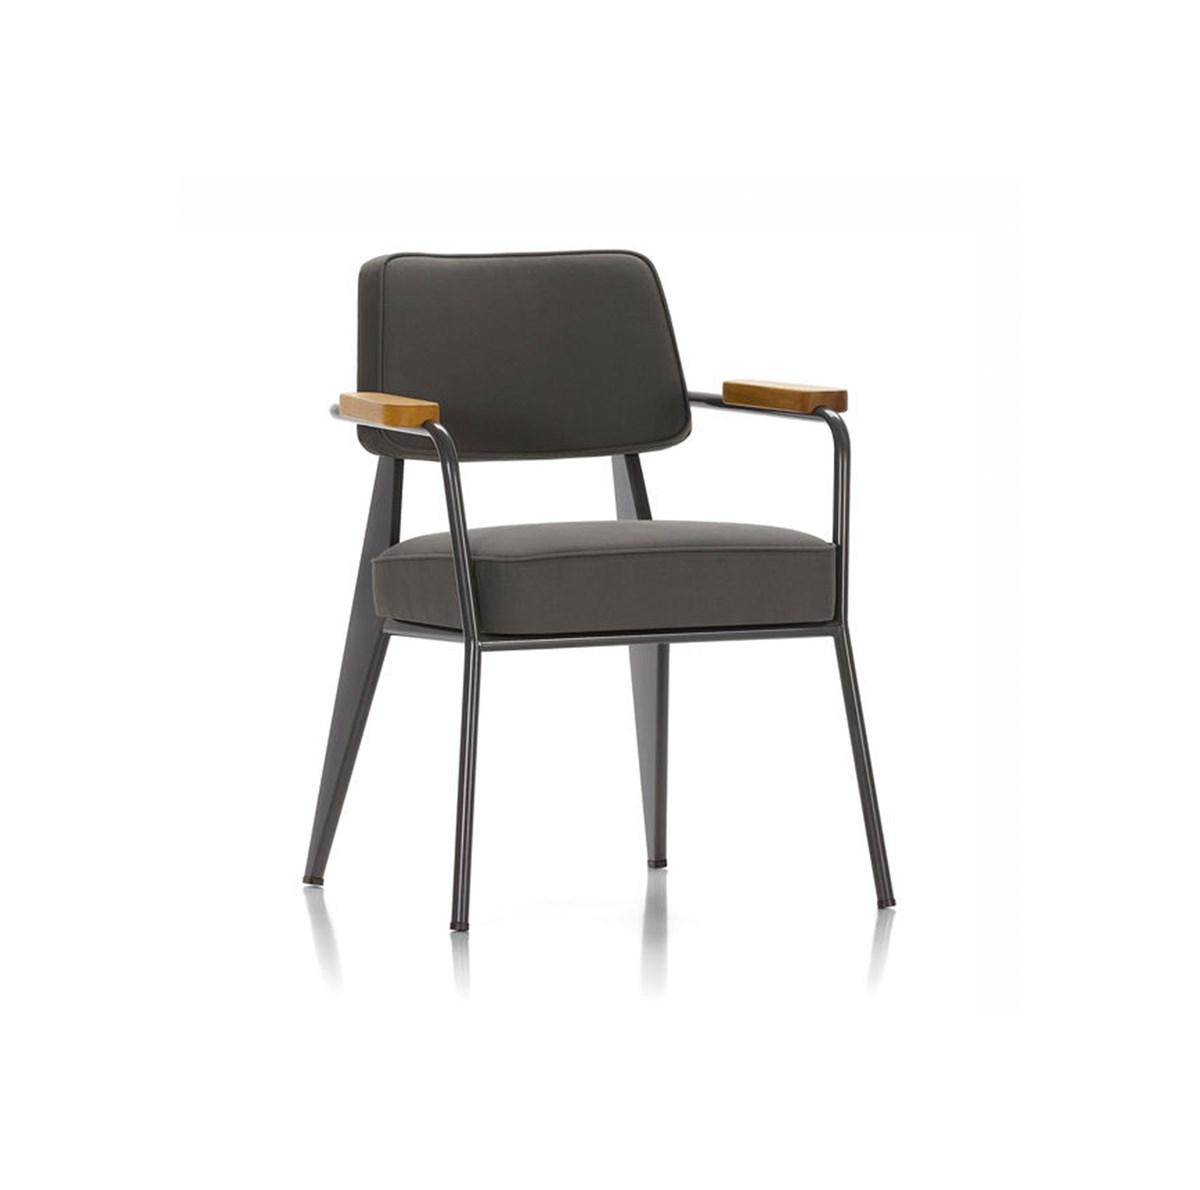 Vitra-Jean-Prouvé-Fauteuil-Direction-Armchair-Matisse-1